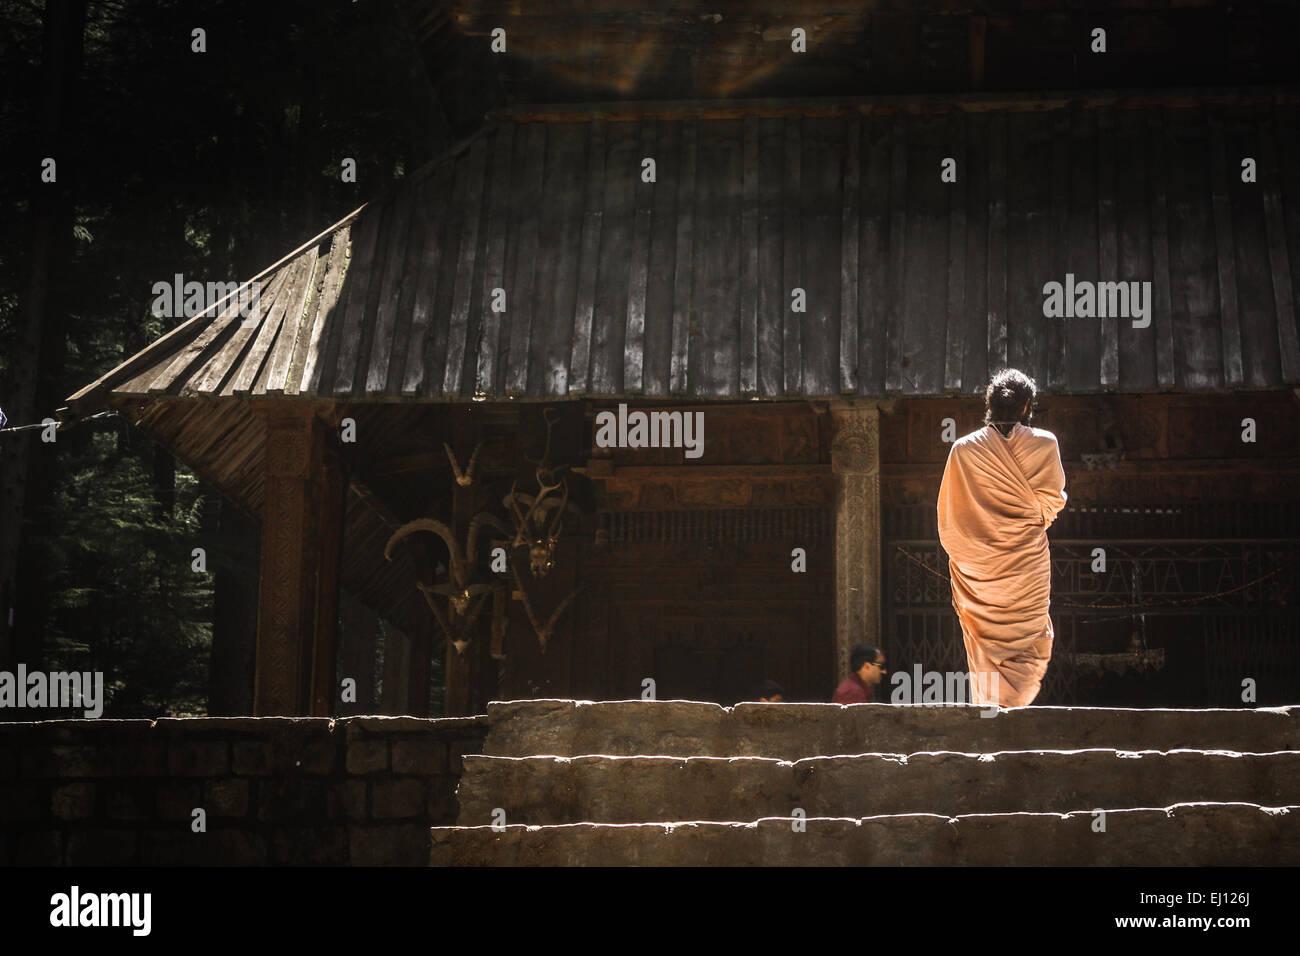 Silhouette di un monaco a piedi in un tempio in Manali, India Immagini Stock